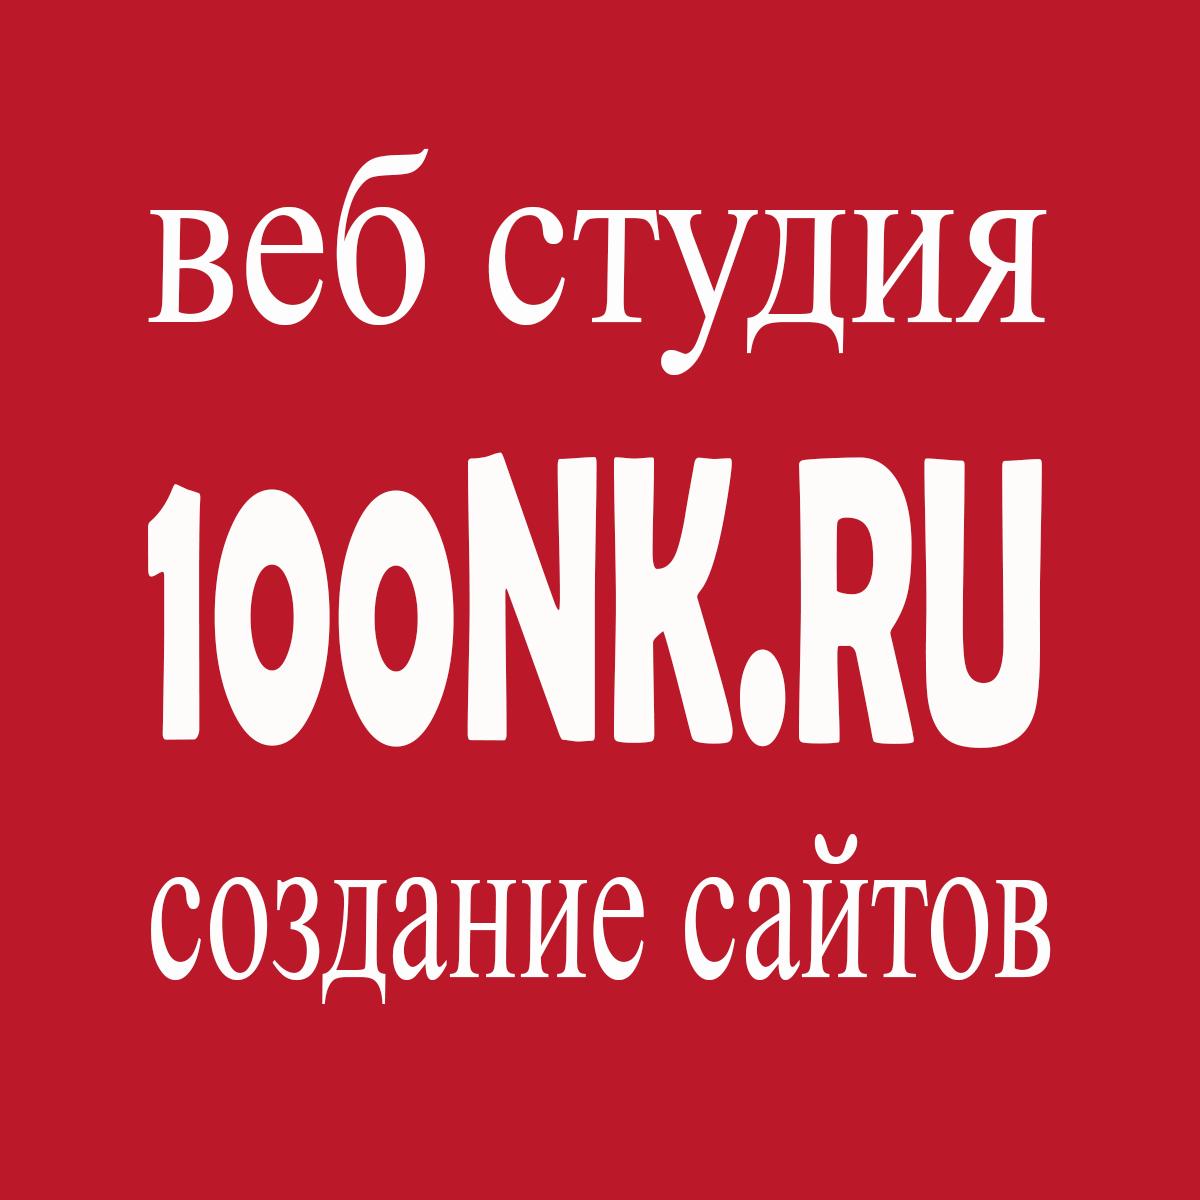 100NK.RU: рассрочка от 4 мес.